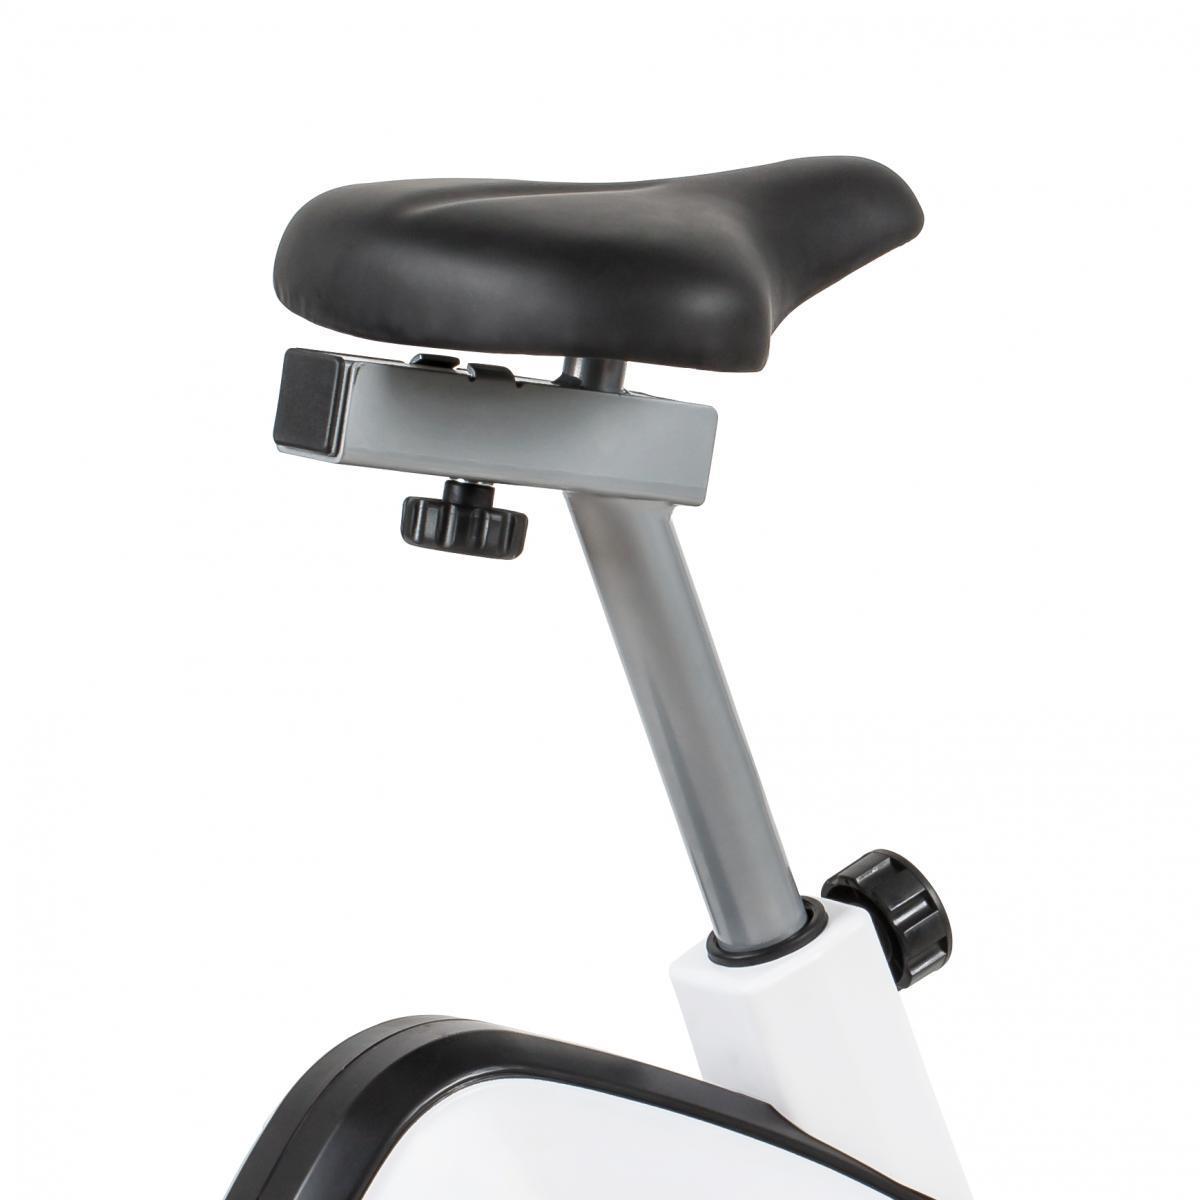 Bild 3 von MOTIVE Fitness by U.N.O. Heimtrainer HT 400 weiß-schwarz inkl. Schutzmatte